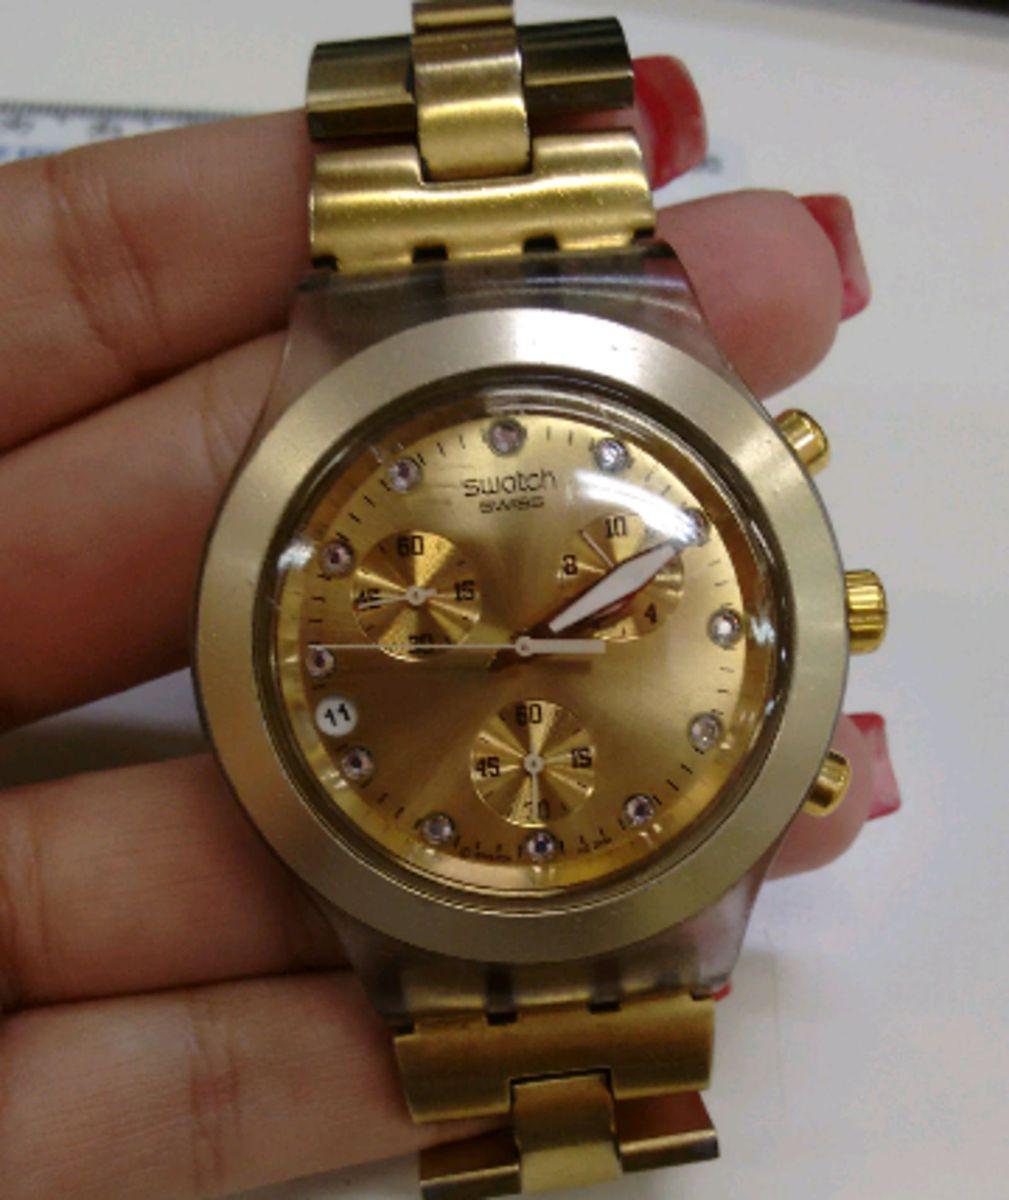 dd0cb56efb1 swatch série ouro - relógios swatch.  Czm6ly9wag90b3muzw5qb2vplmnvbs5ici9wcm9kdwn0cy82mjk4mjuzl2uyn2nlm2nindbimzm0zmrmywm1zda5ndu2mzzhywmxlmpwzw  ...